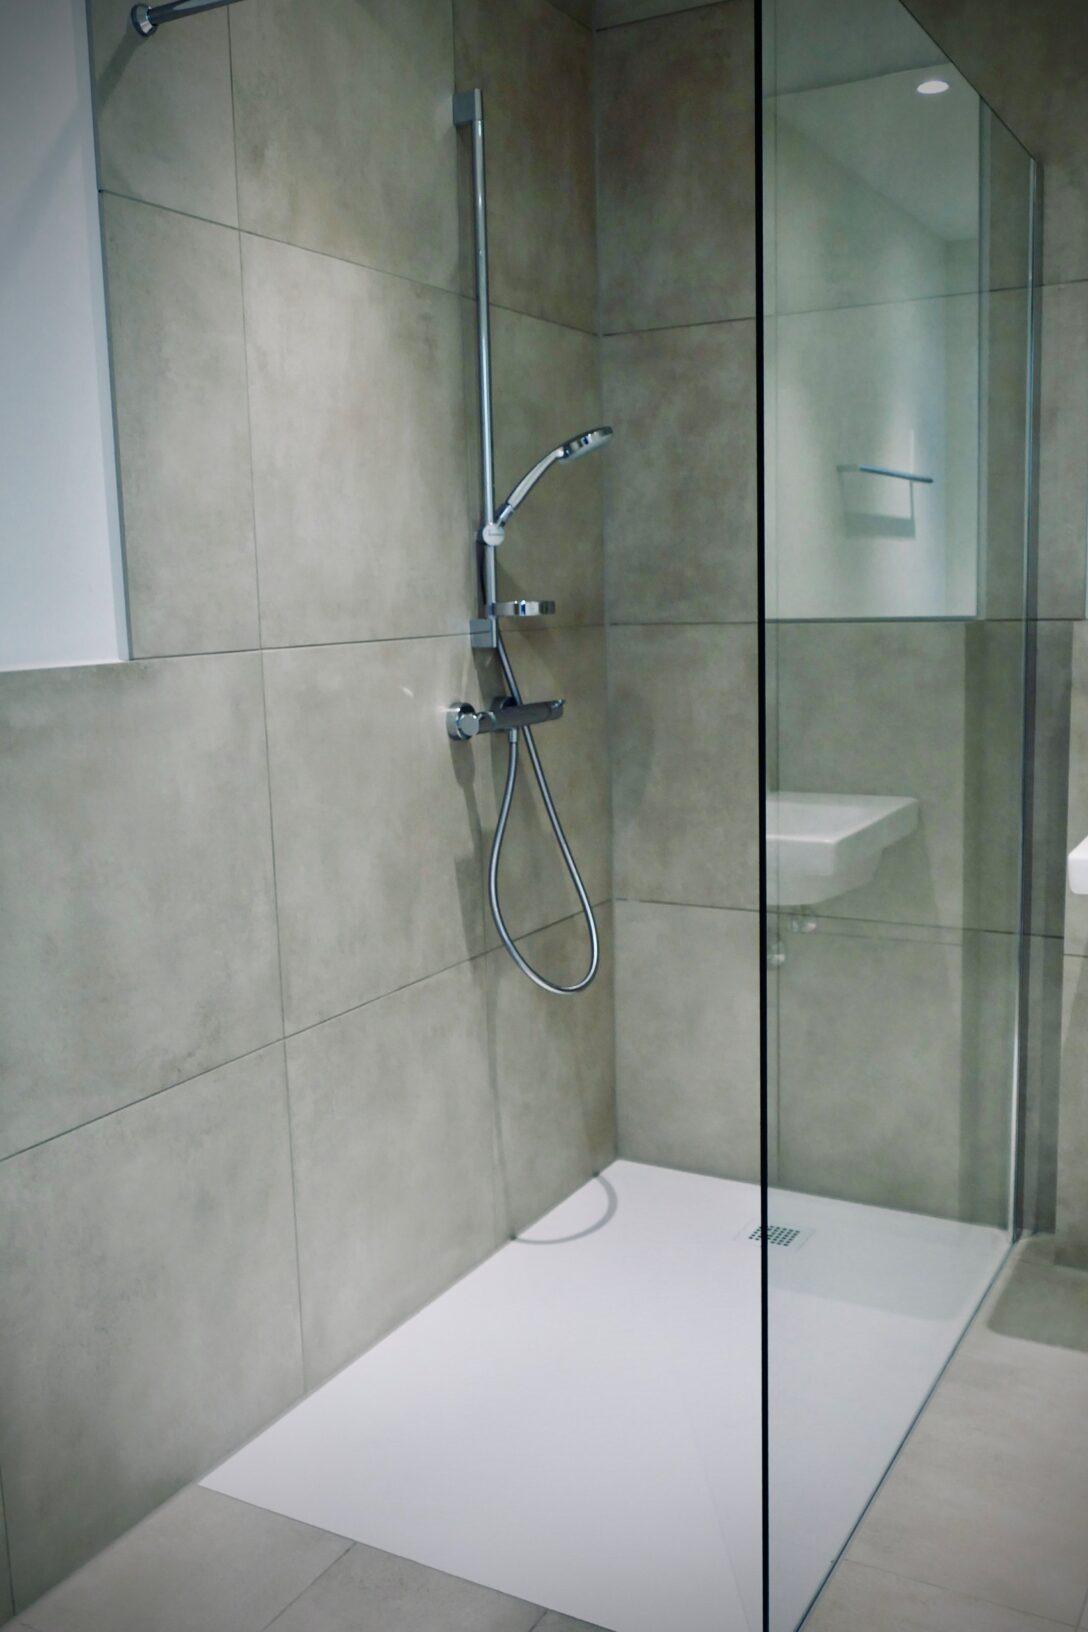 Large Size of Ebenerdige Dusche Mit Groer Glastrennwand Und Groen Grauen 90x90 Badewanne Bodengleiche Nachträglich Einbauen Glastür Mischbatterie Begehbare Fliesen Dusche Ebenerdige Dusche